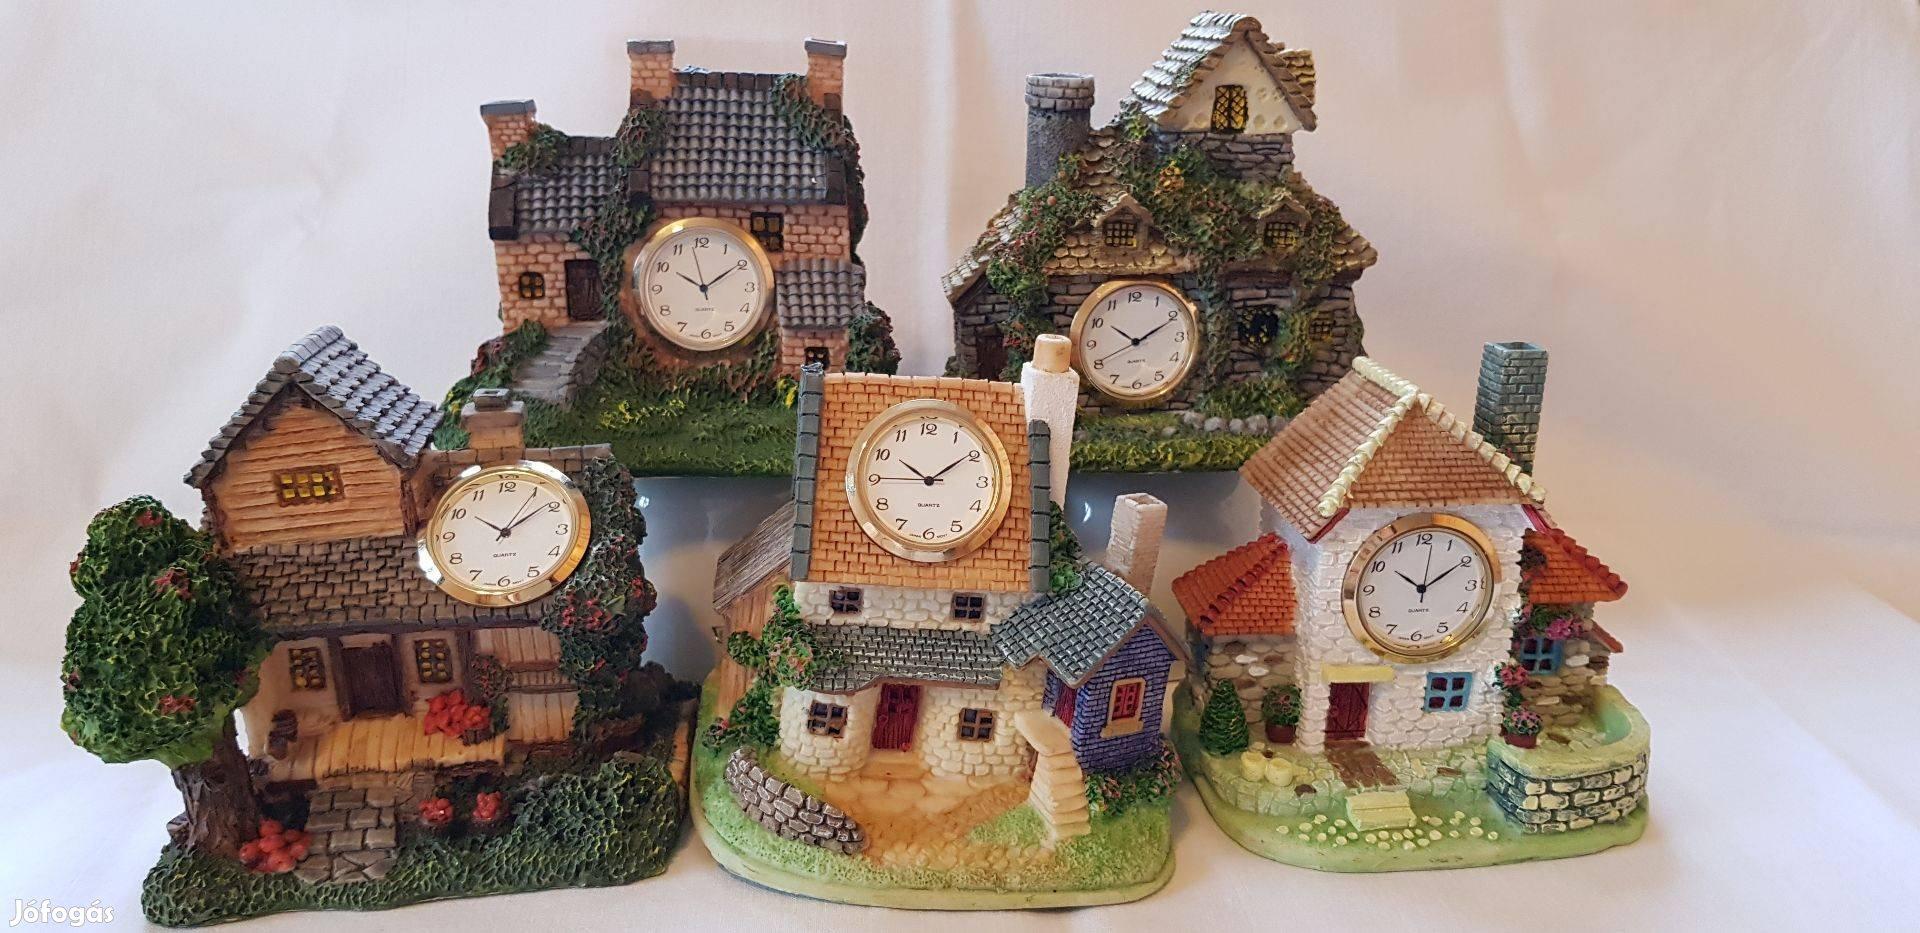 Díszórák, dísztárgyak, ajándék tárgyak, kézzel festett ajándékok, 3. Kép